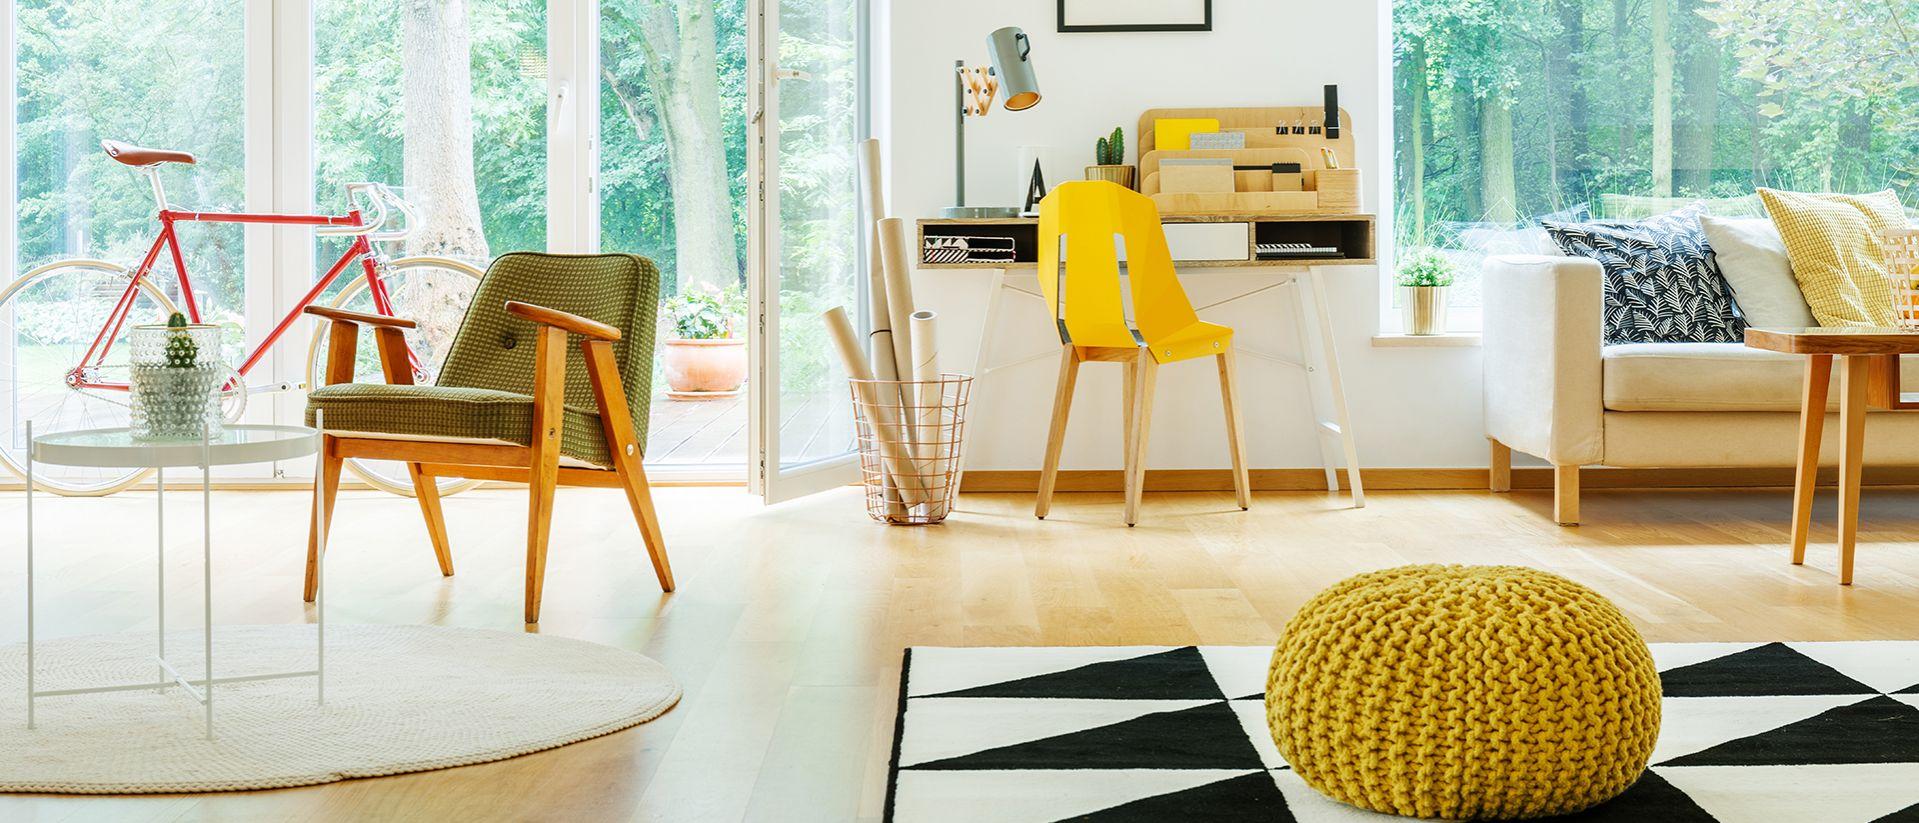 Cambiare aria di casa: i consigli per stare bene